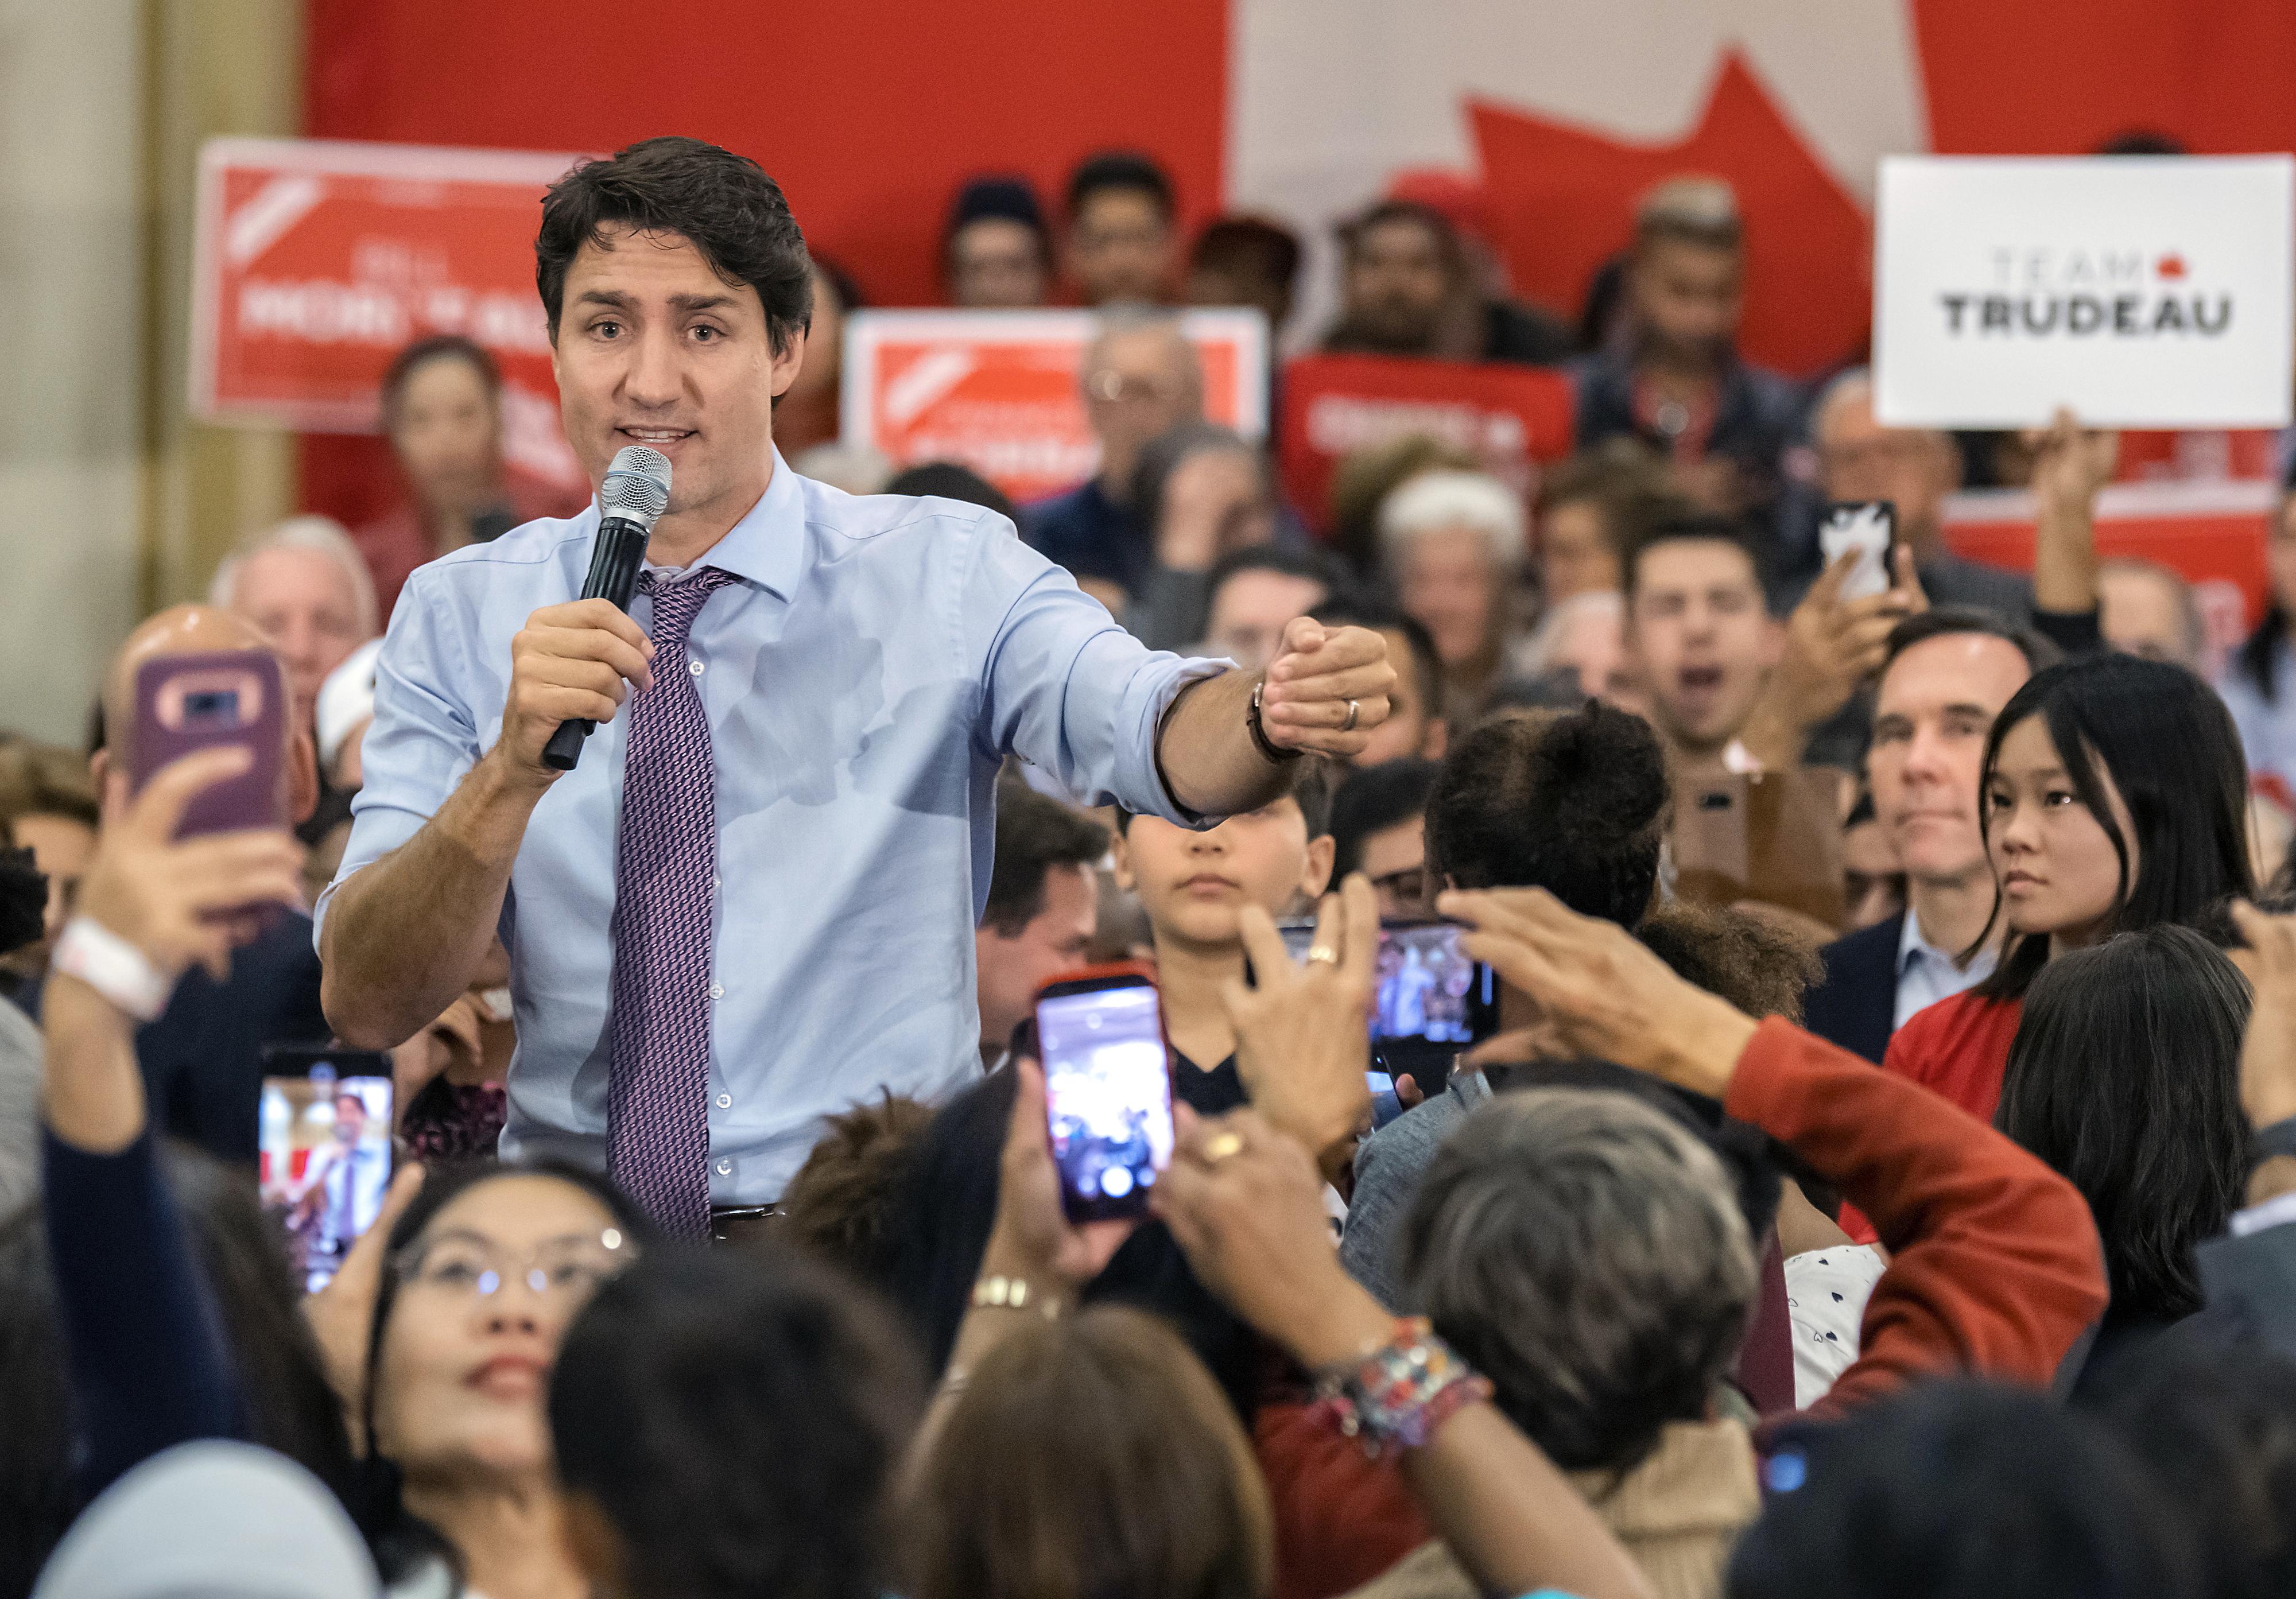 Projeções apontam para vitória do Partido Liberal nas eleições no Canadá, sem repetir maioria absoluta